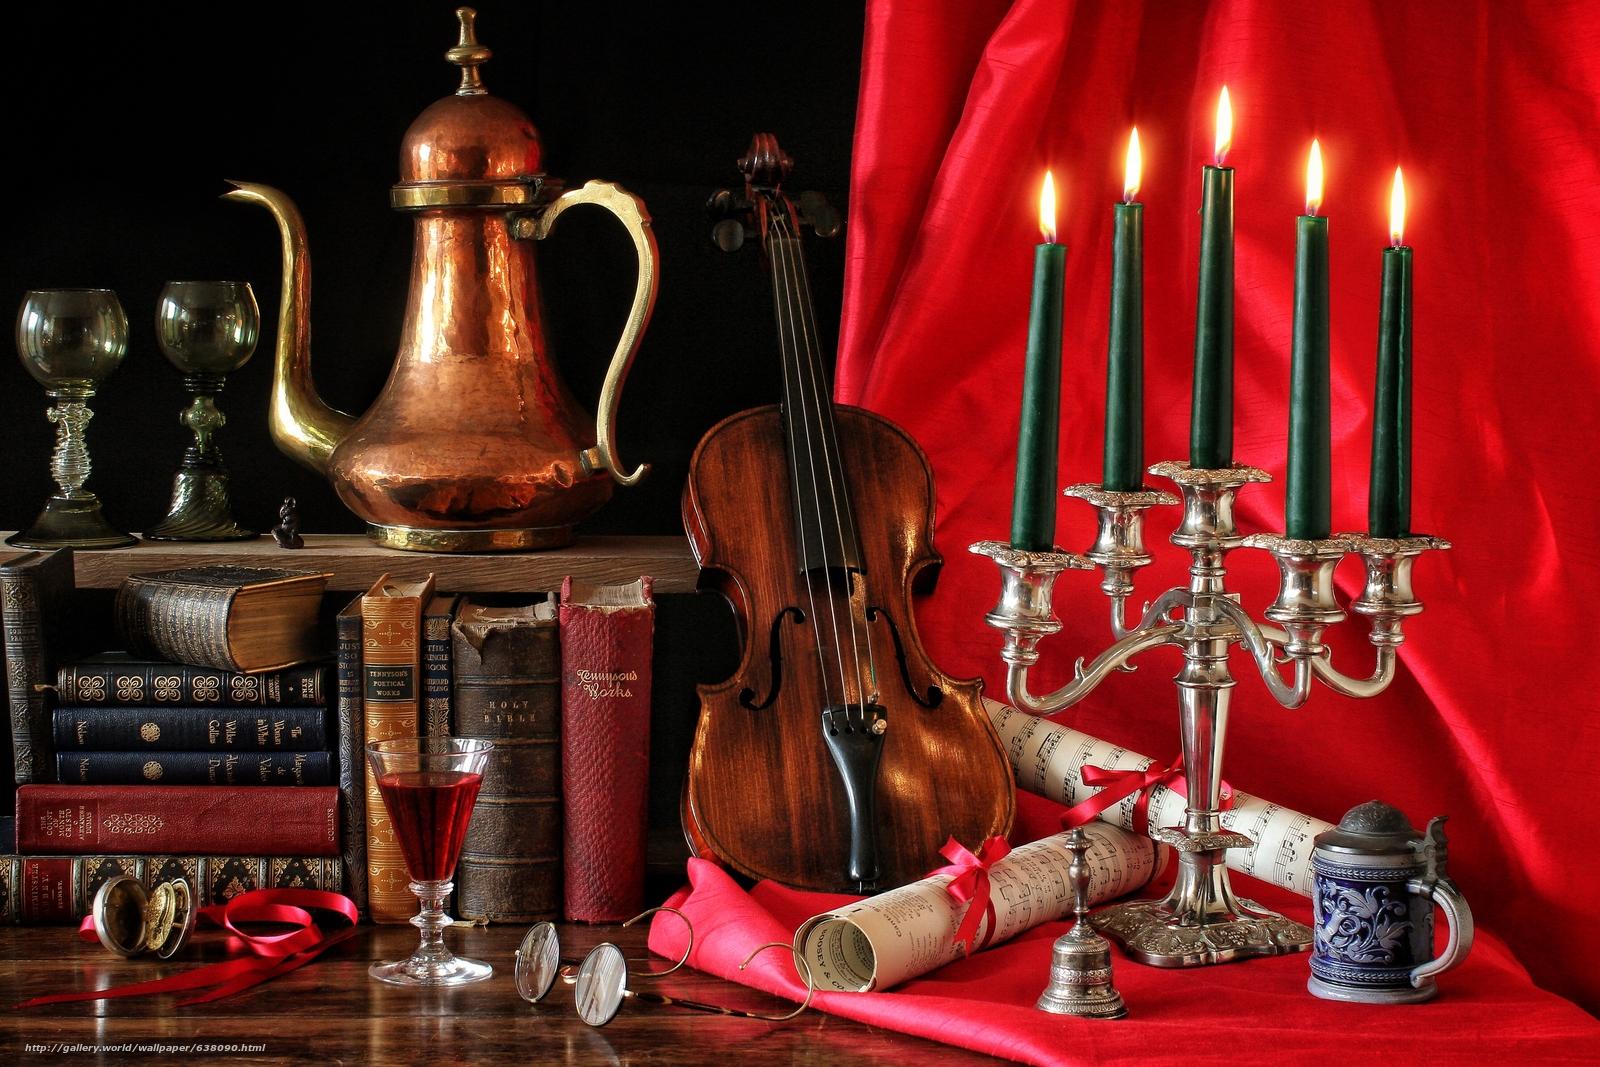 Download Hintergrund Still-Leben,  Violine,  Bücher,  Kerzen Freie desktop Tapeten in der Auflosung 5184x3456 — bild №638090